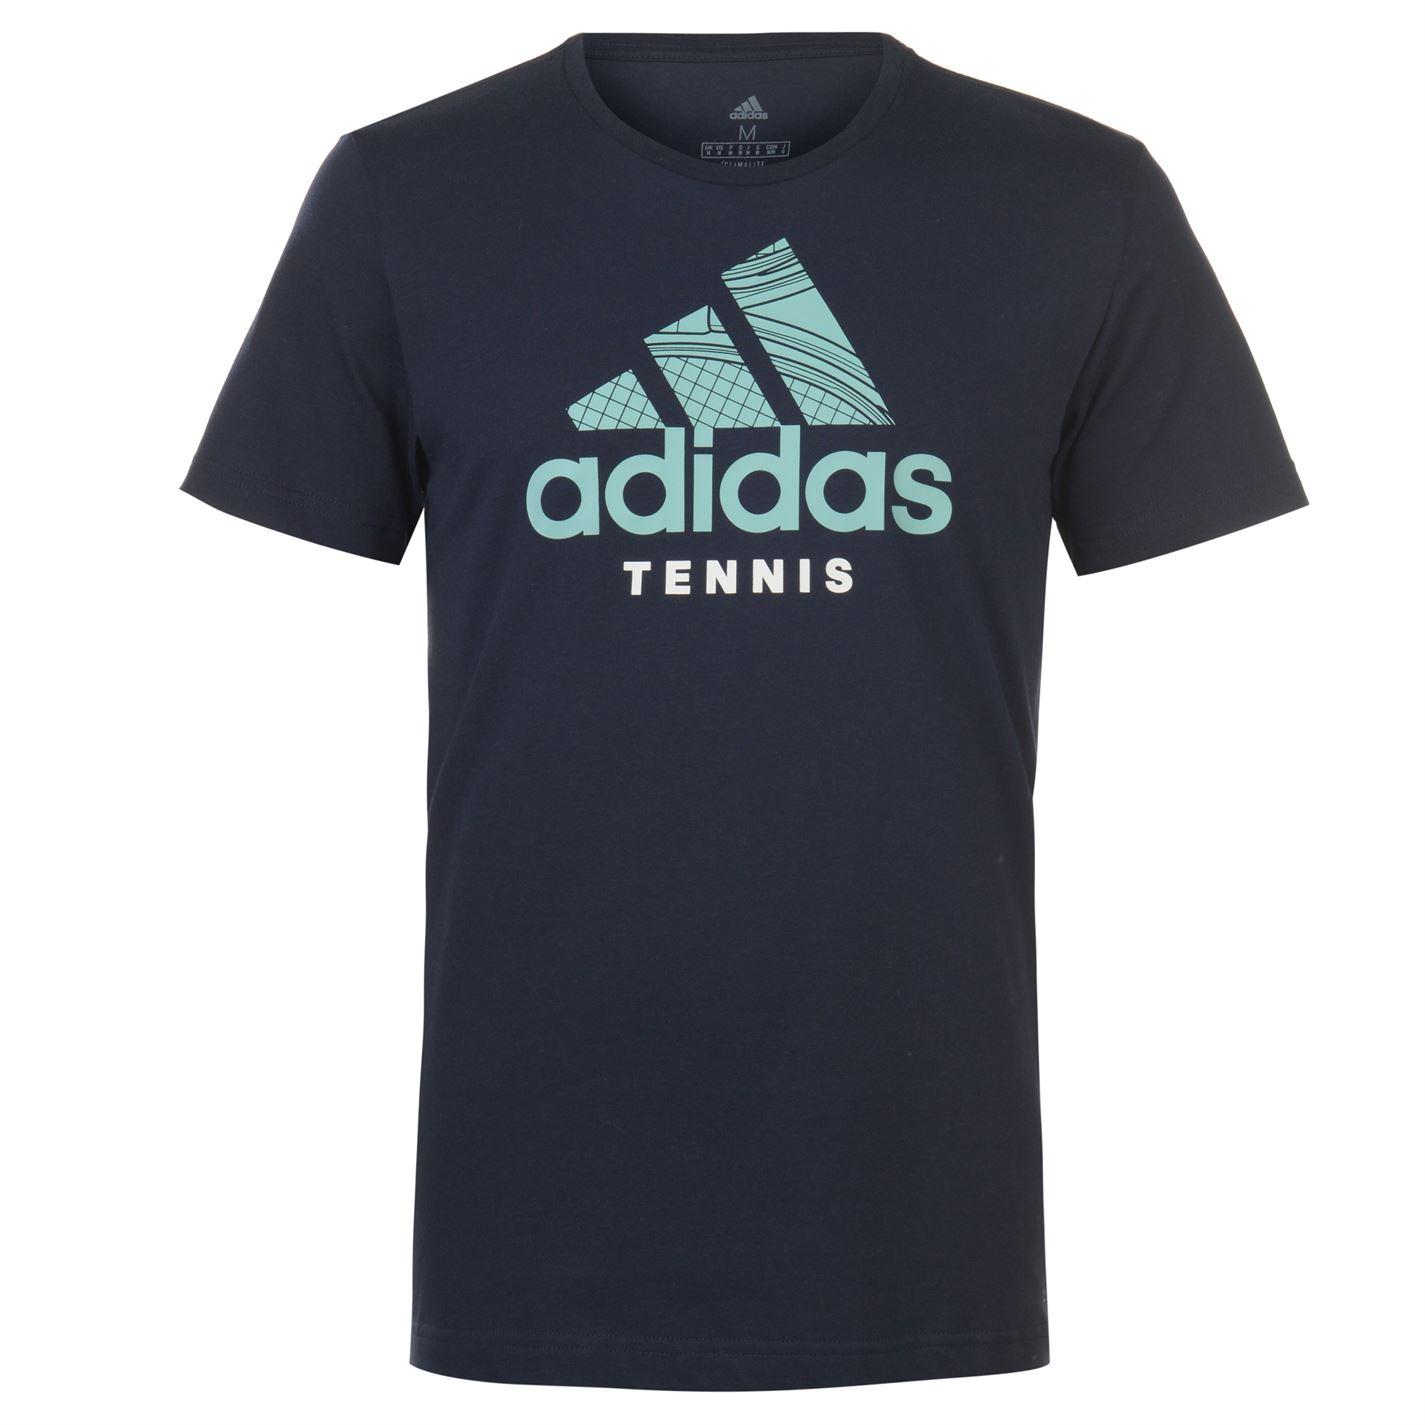 Triko adidas Category T Shirt pánské